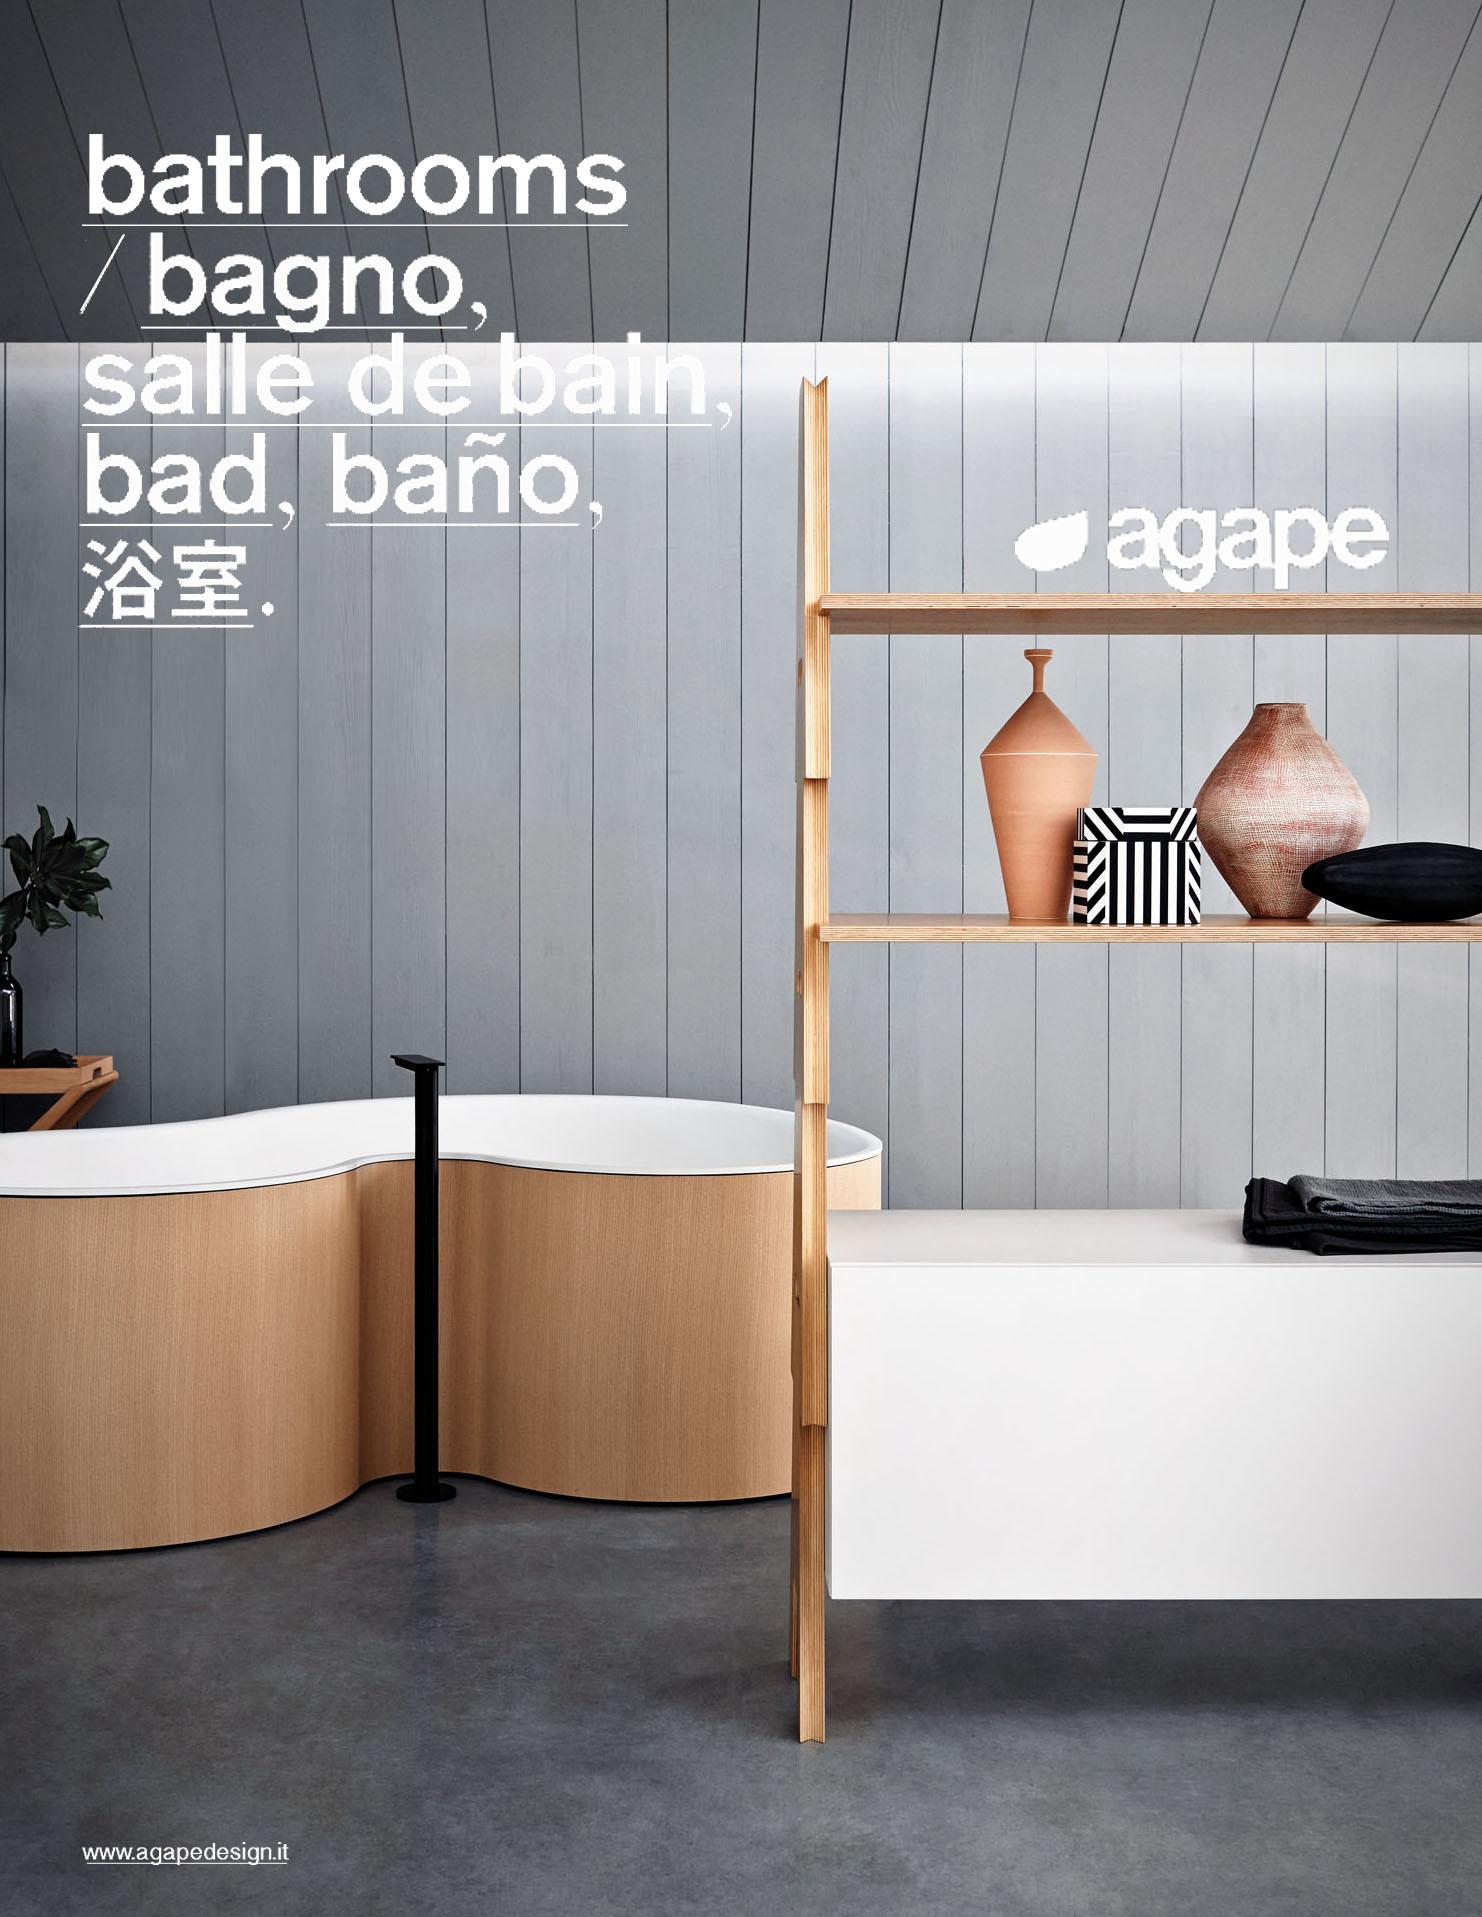 Agape 2015 Campaign | Andrea Ferrari | Agape | Essential Homme | Nelly de Melo Gonçalves | Numerique Retouch Photo Retouching Studio